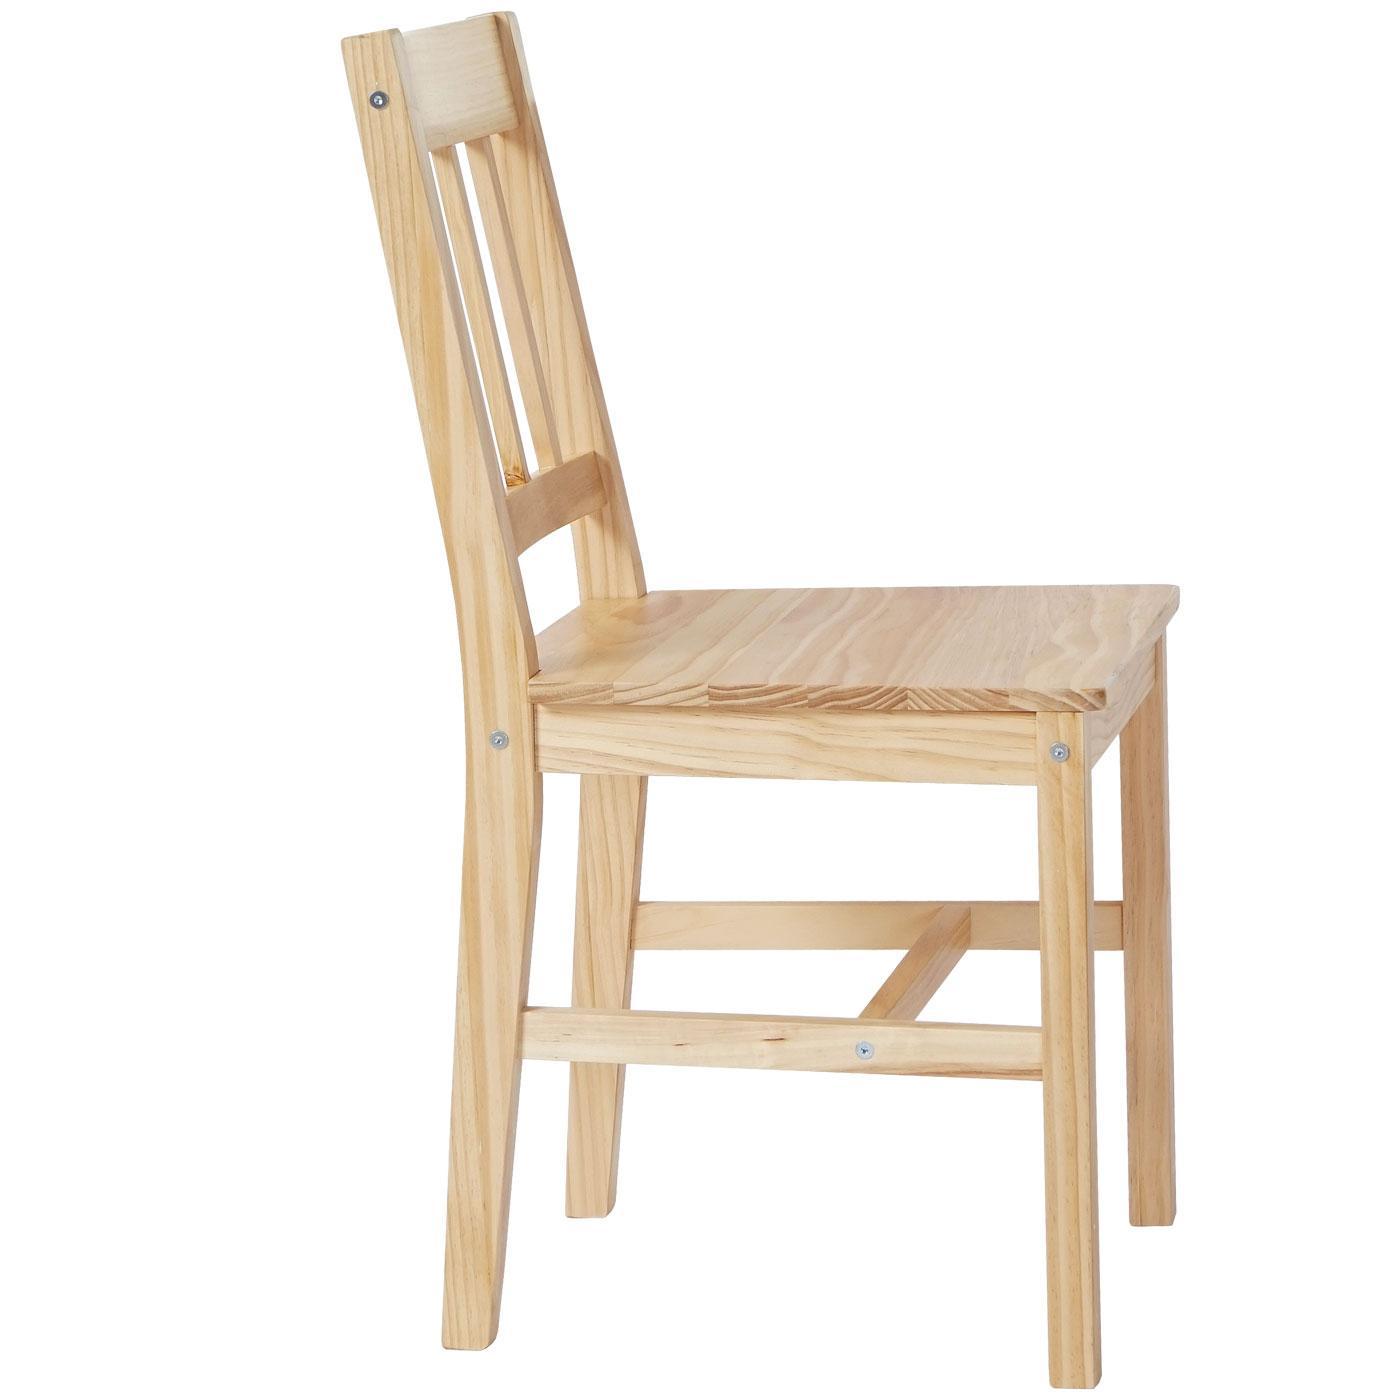 Lote 6 sillas de cocina o comedor nerja en marr n haya - Sillas de cocina madera ...